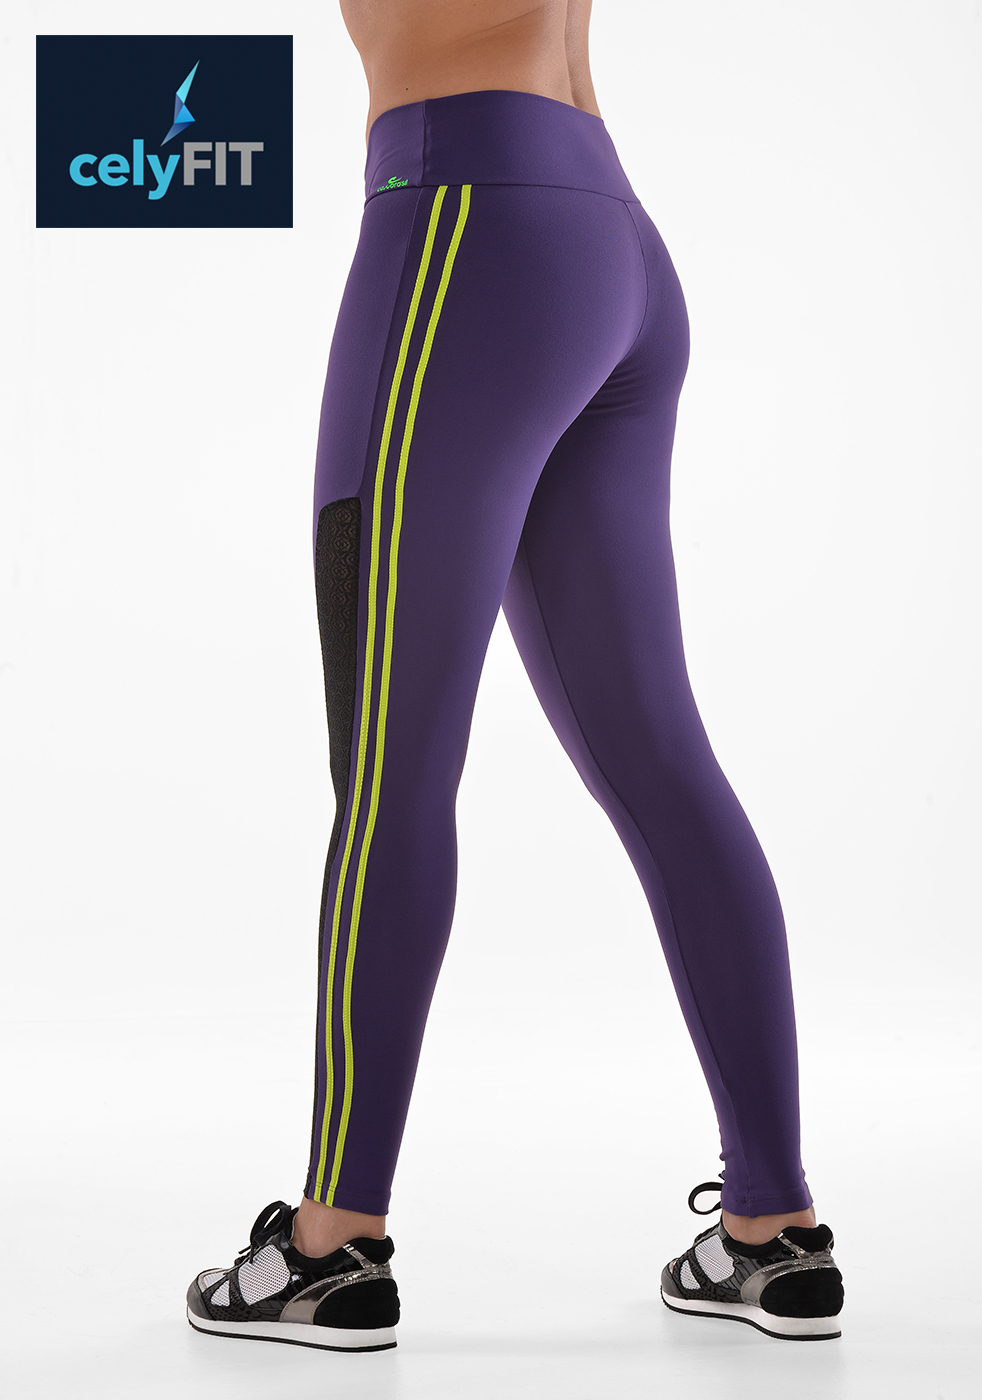 leggings yoga pants photography